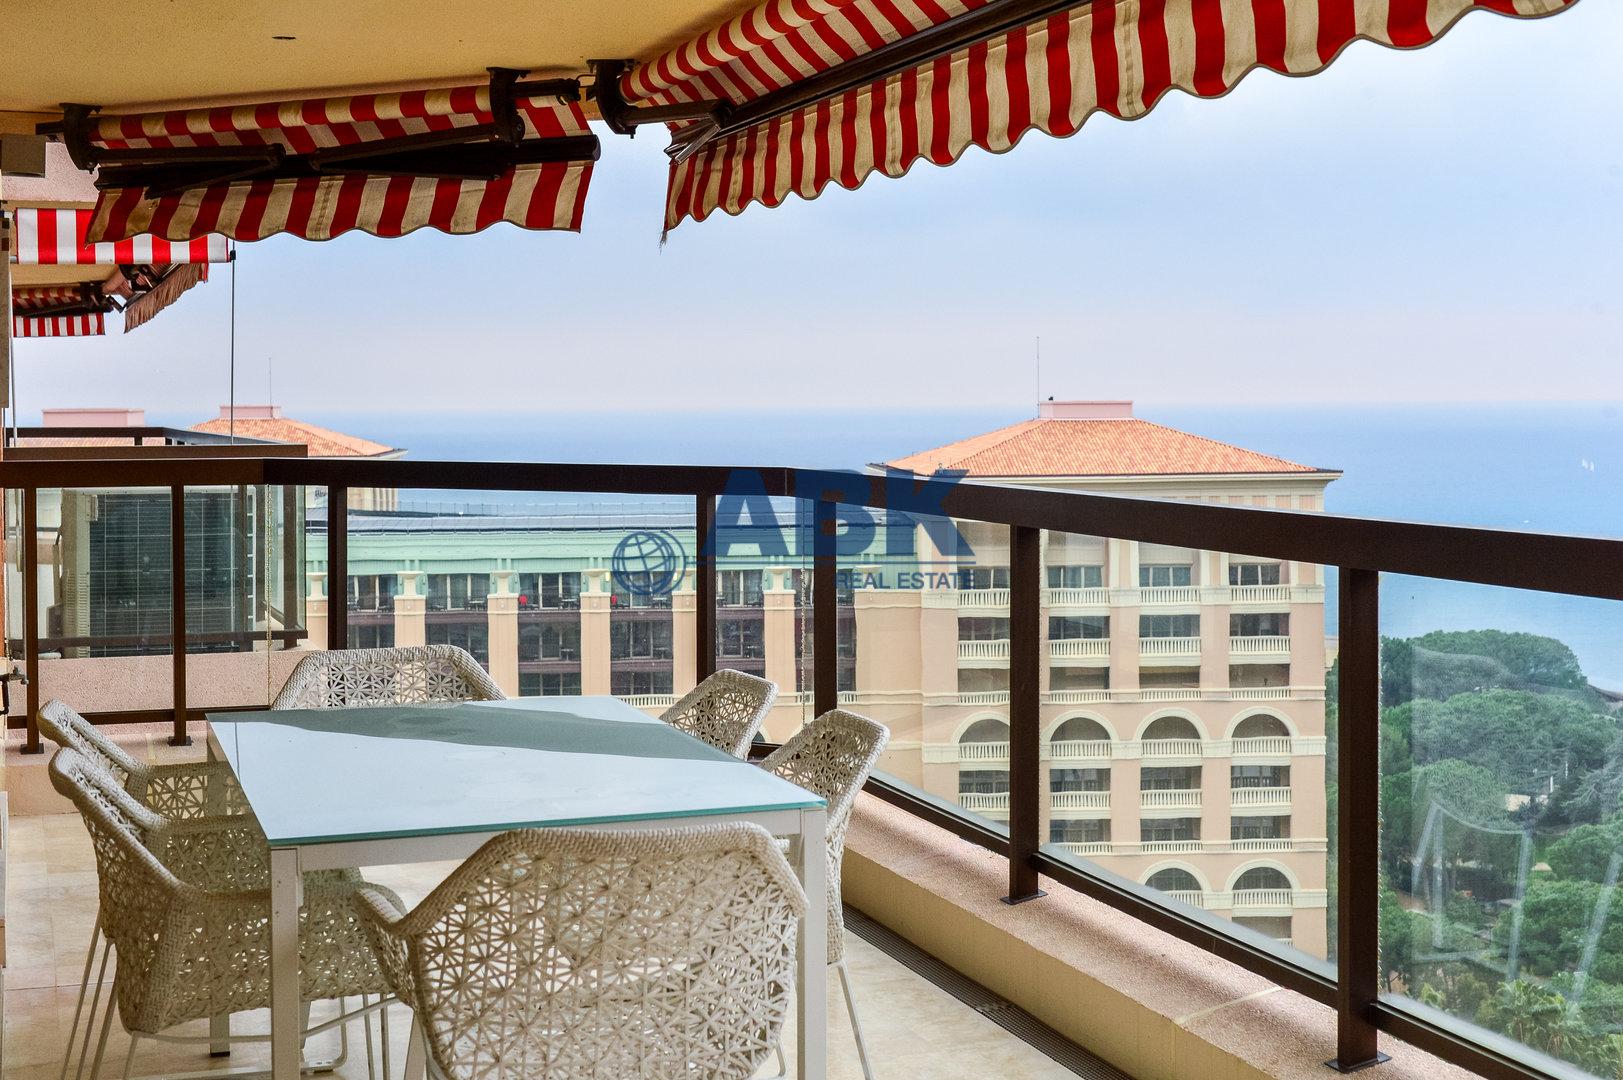 Two Bedroom Apartment For Sale Monte Carlo Sun Abk Real Estate Monaco